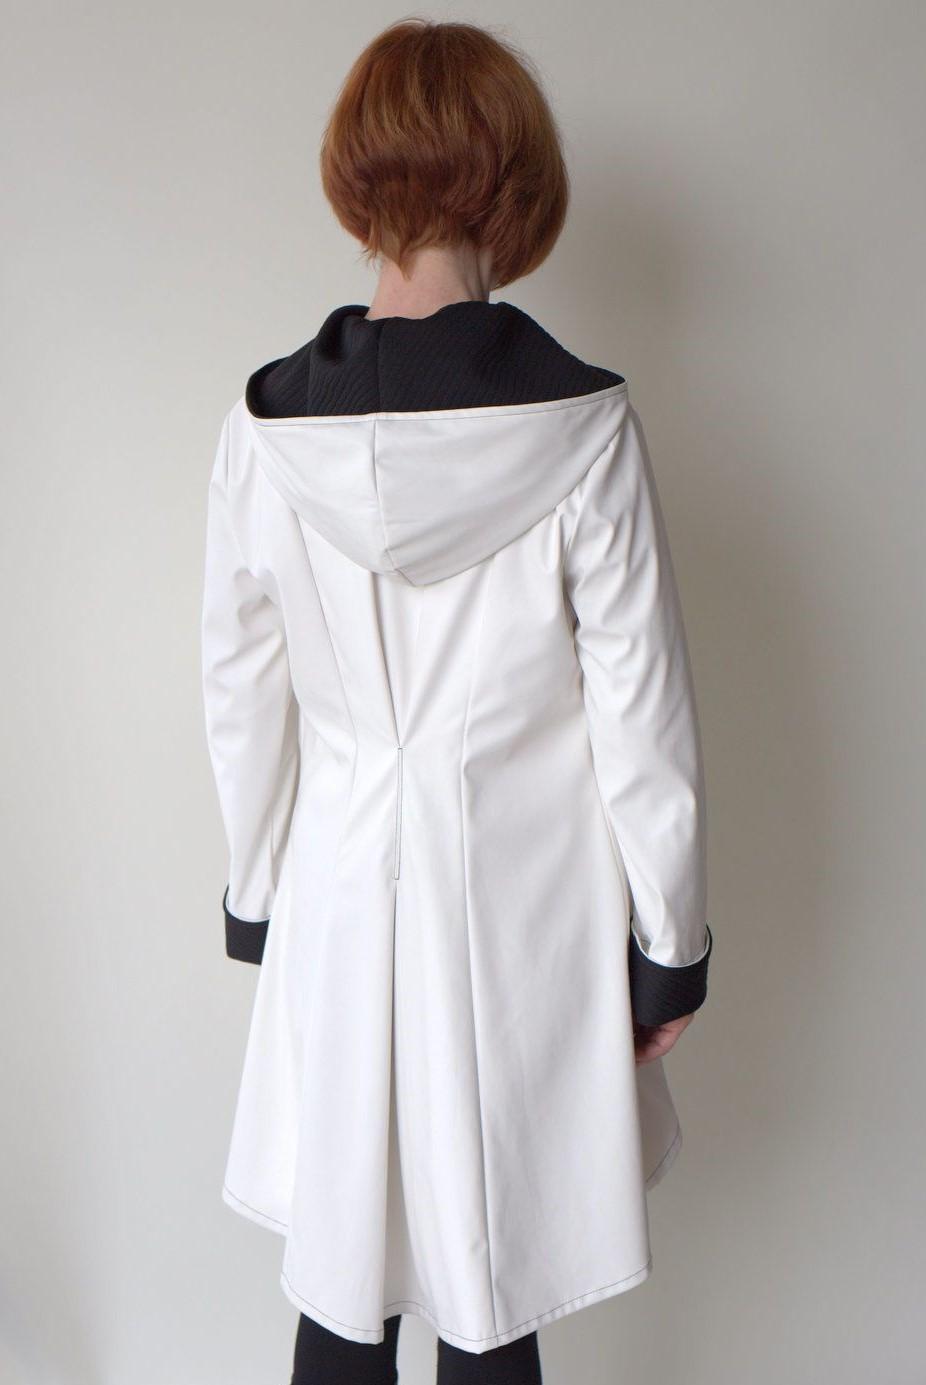 white raincoat back view